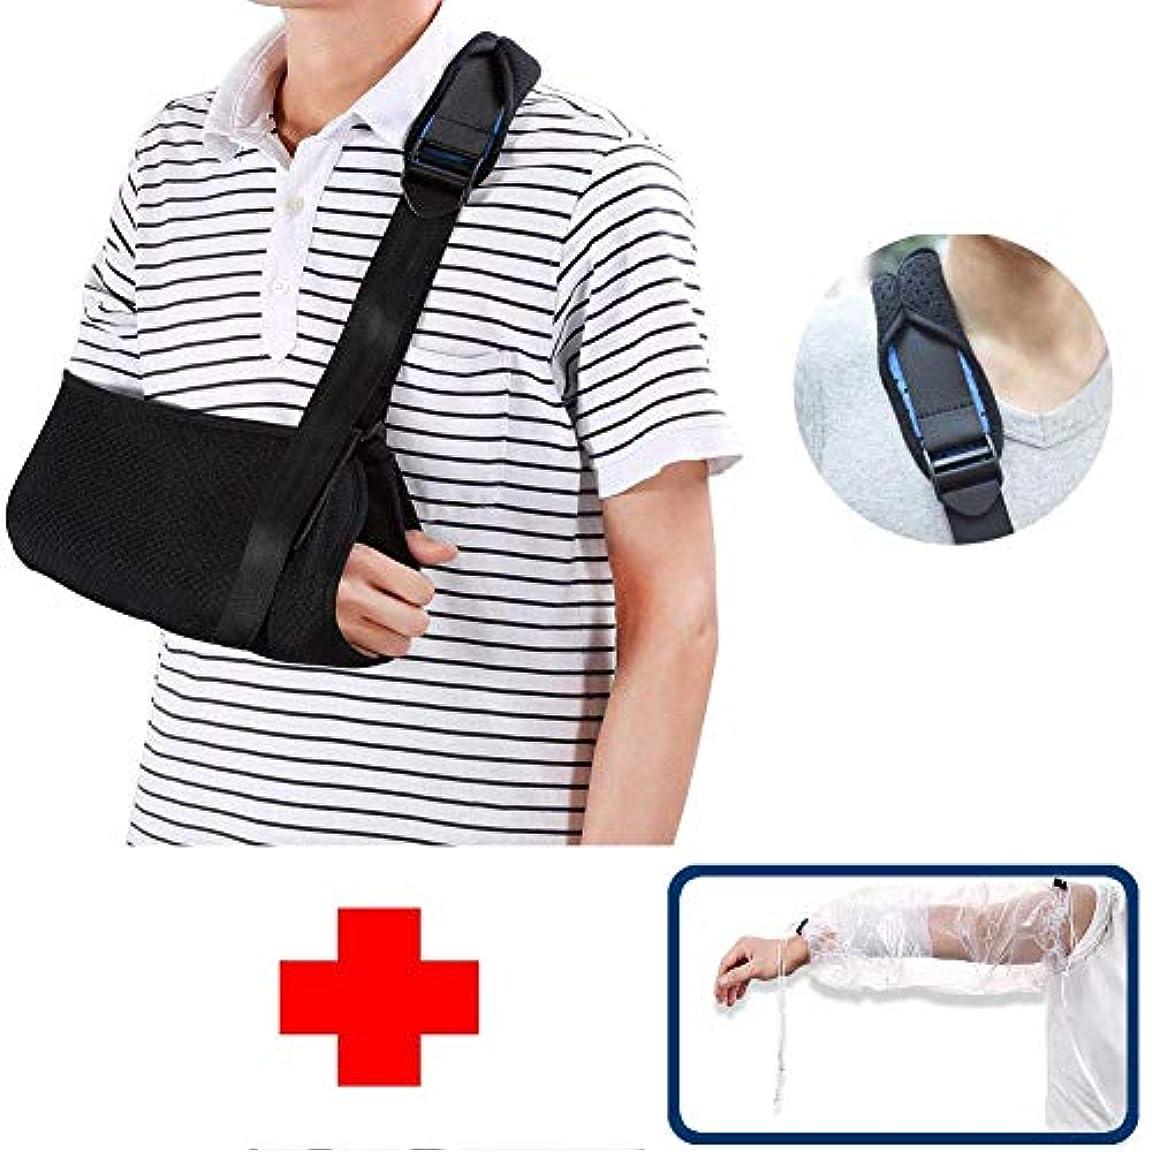 どう?斧チャンピオンアームスリング、左右アーム肘サポート用防水アームキャストカバー付き調節可能な壊れたアームイモビライザー、S